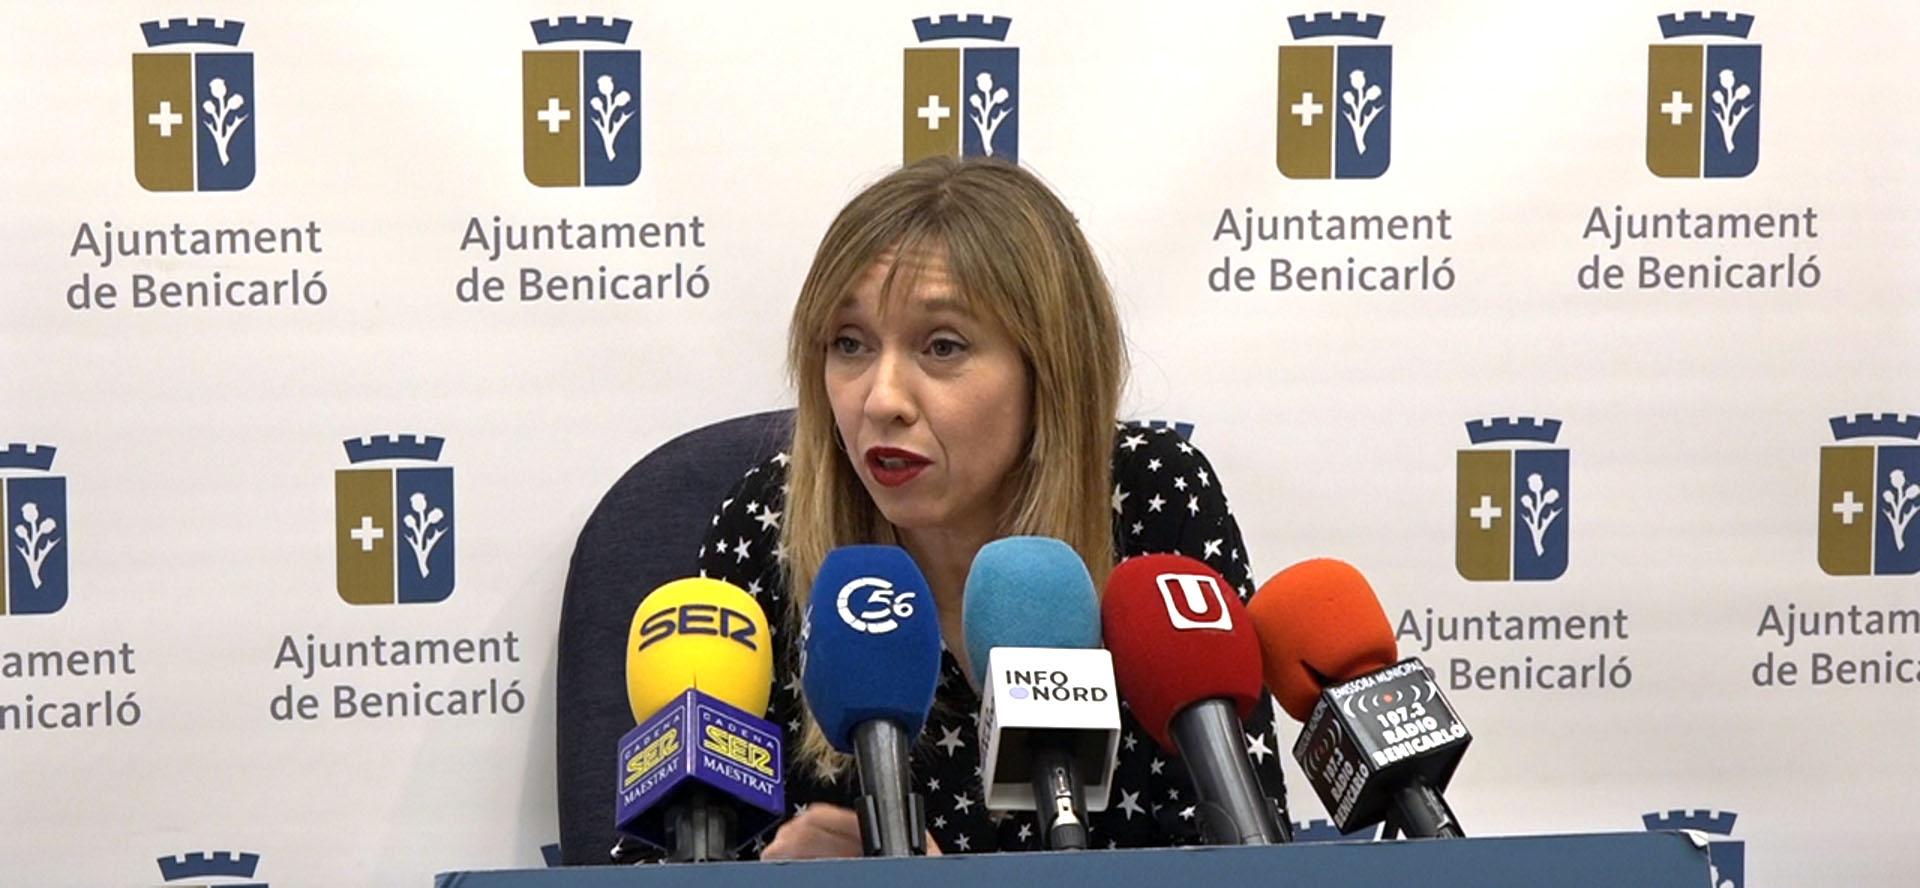 Benicarló oferirà una programació especial per a commemorar el Dia Internacional de la Dona